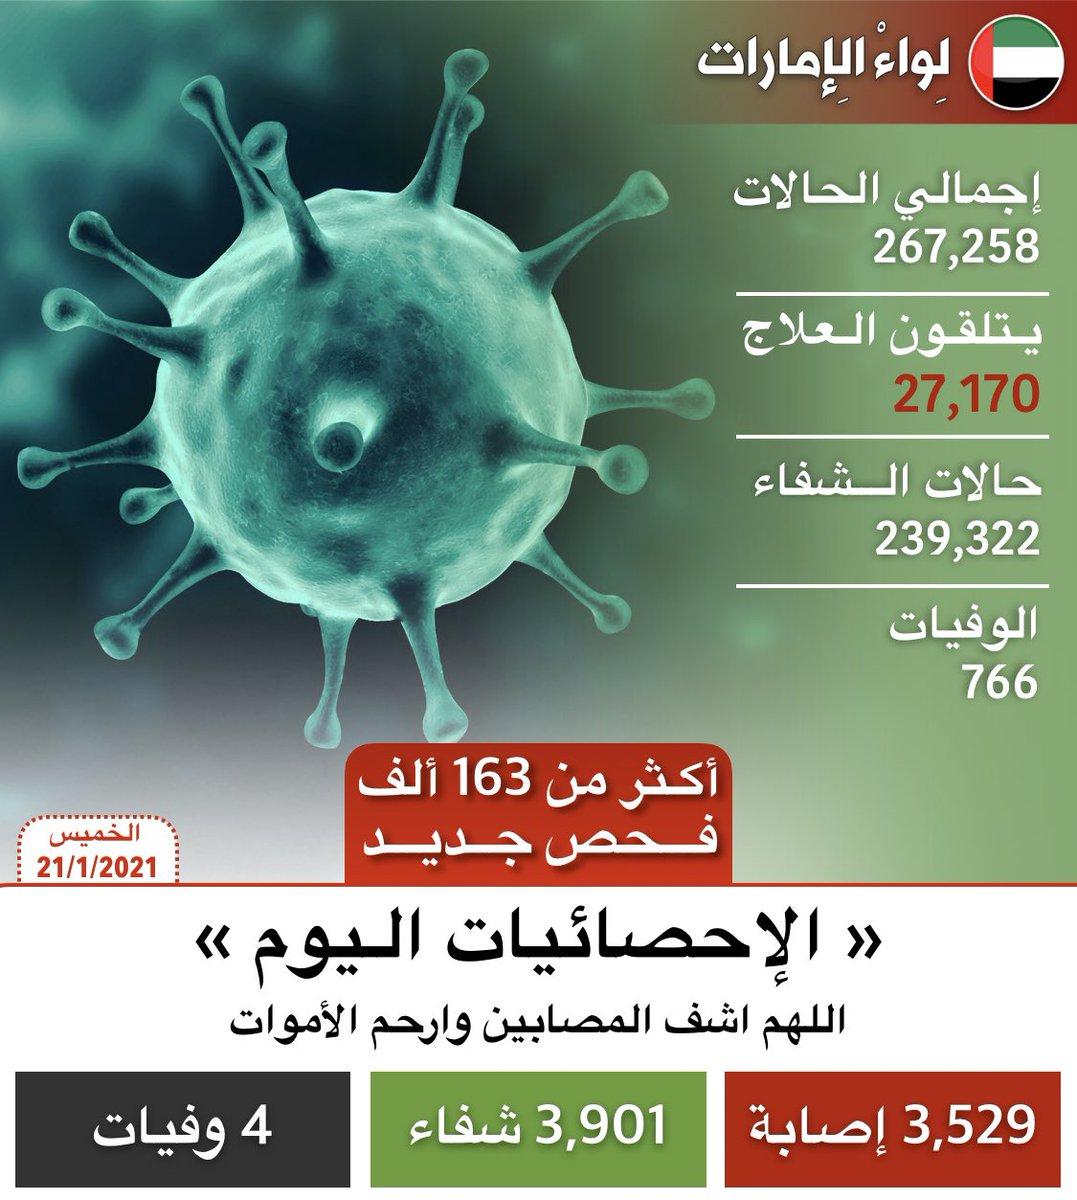 الامارات تسجل 3,529 إصابة جديدة بـ #فيروس_كورونا المستجد، و 3,901 حالة شفاء، و 4 حالات وفاة